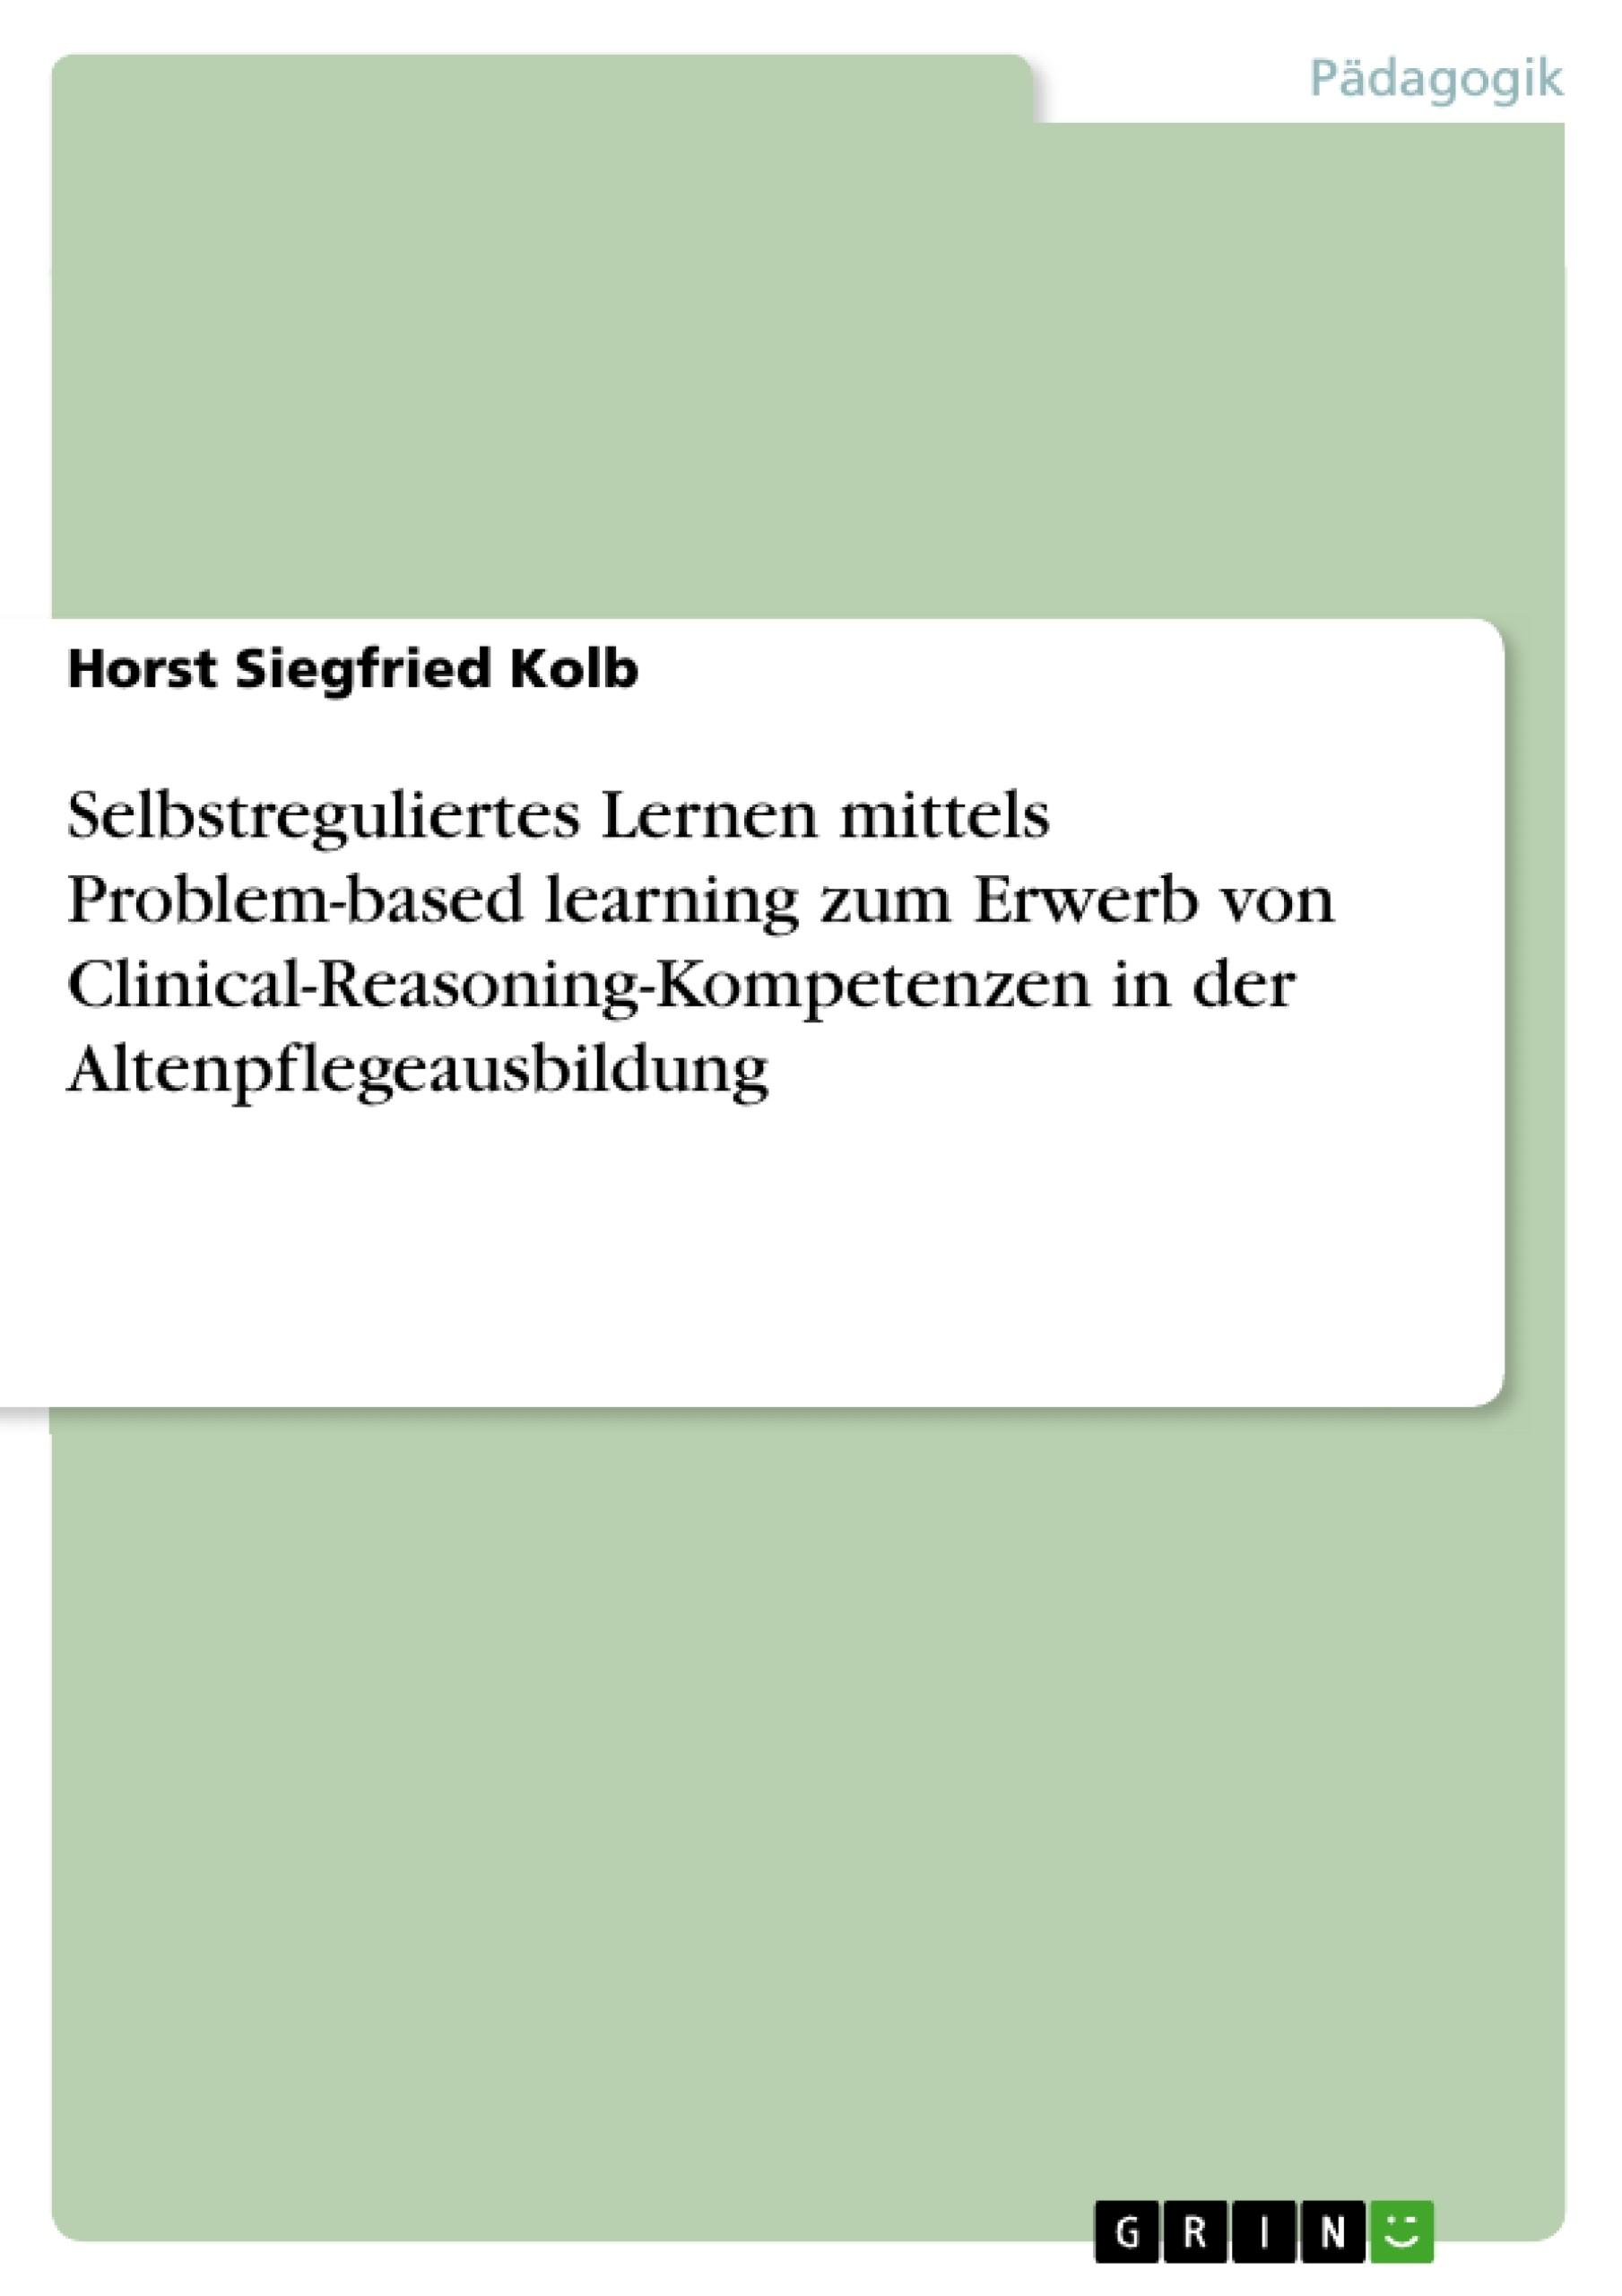 Titel: Selbstreguliertes Lernen mittels Problem-based learning zum Erwerb von Clinical-Reasoning-Kompetenzen in der Altenpflegeausbildung